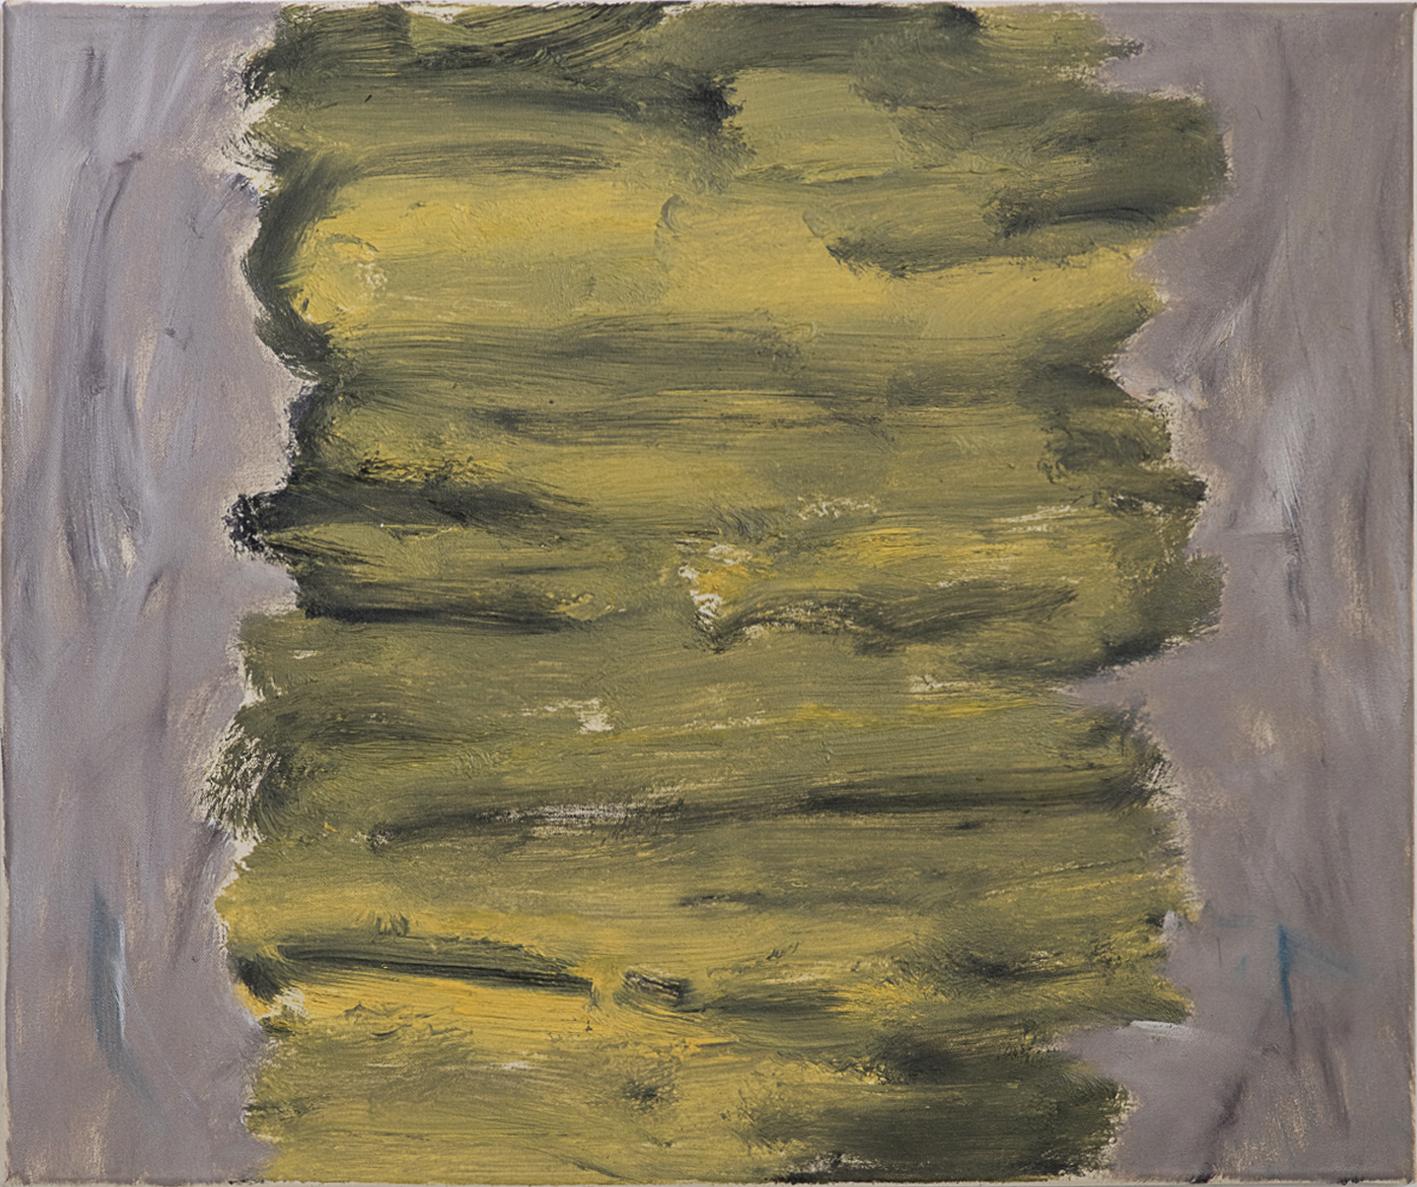 Ohne Titel, Öl auf Leinwand, 50 x 60 cm